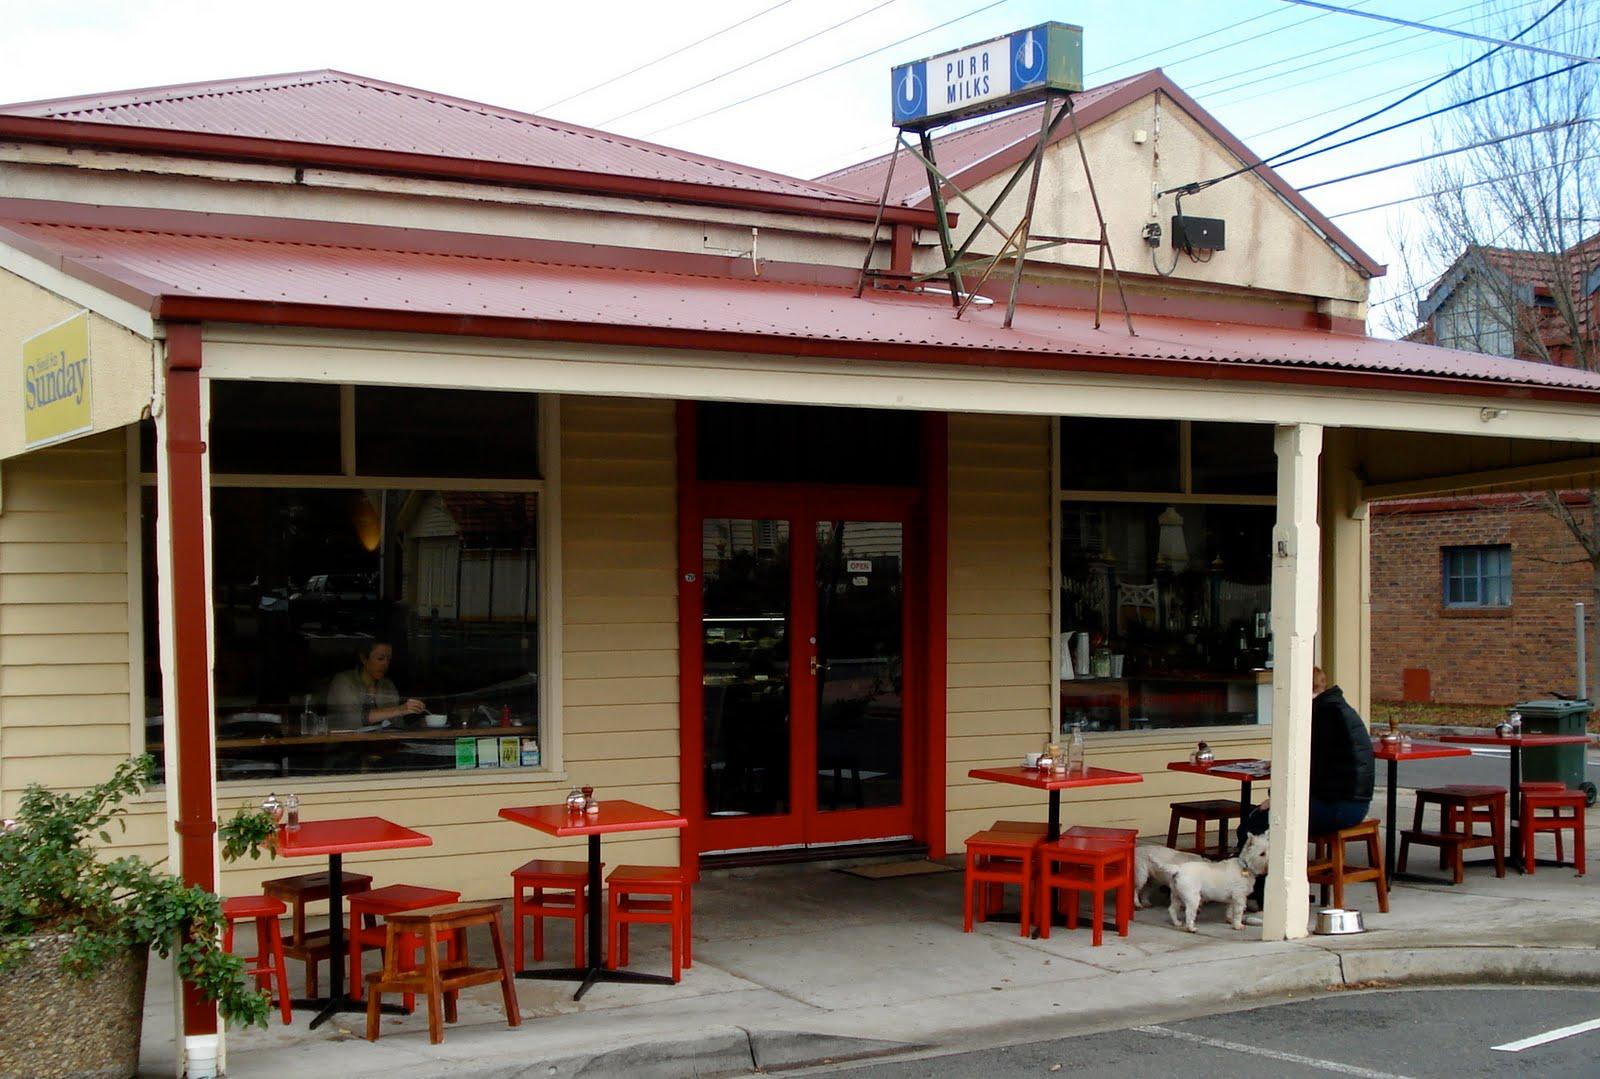 Local Cafe Littleeats1